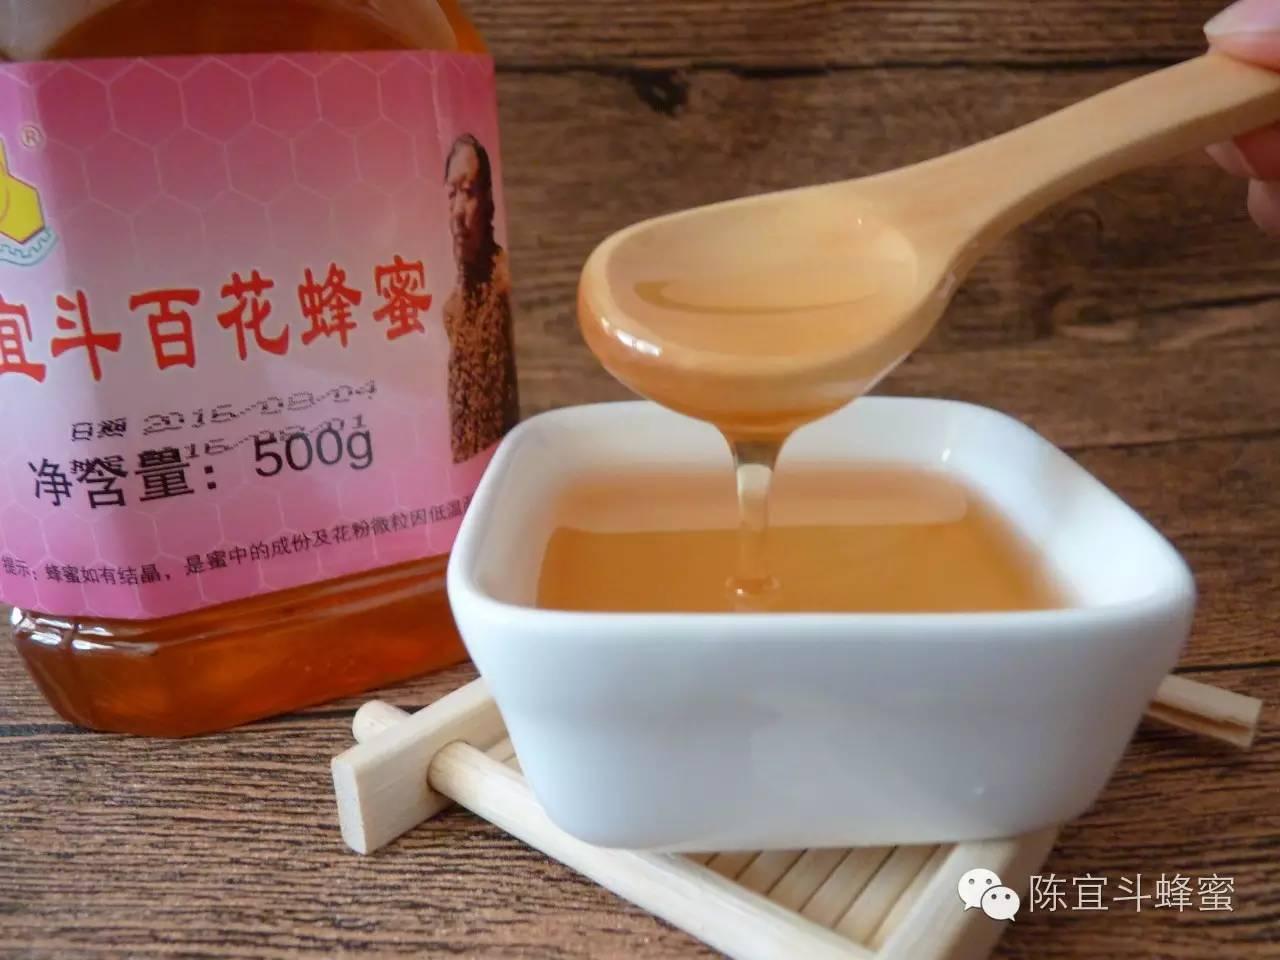 蜂蜜塑料瓶批发 蜂蜜和灵芝孢子粉 皮肤烧伤喝蜂蜜 蜂蜜搅拌棒作用 纯蜂蜜怎么做唇膏